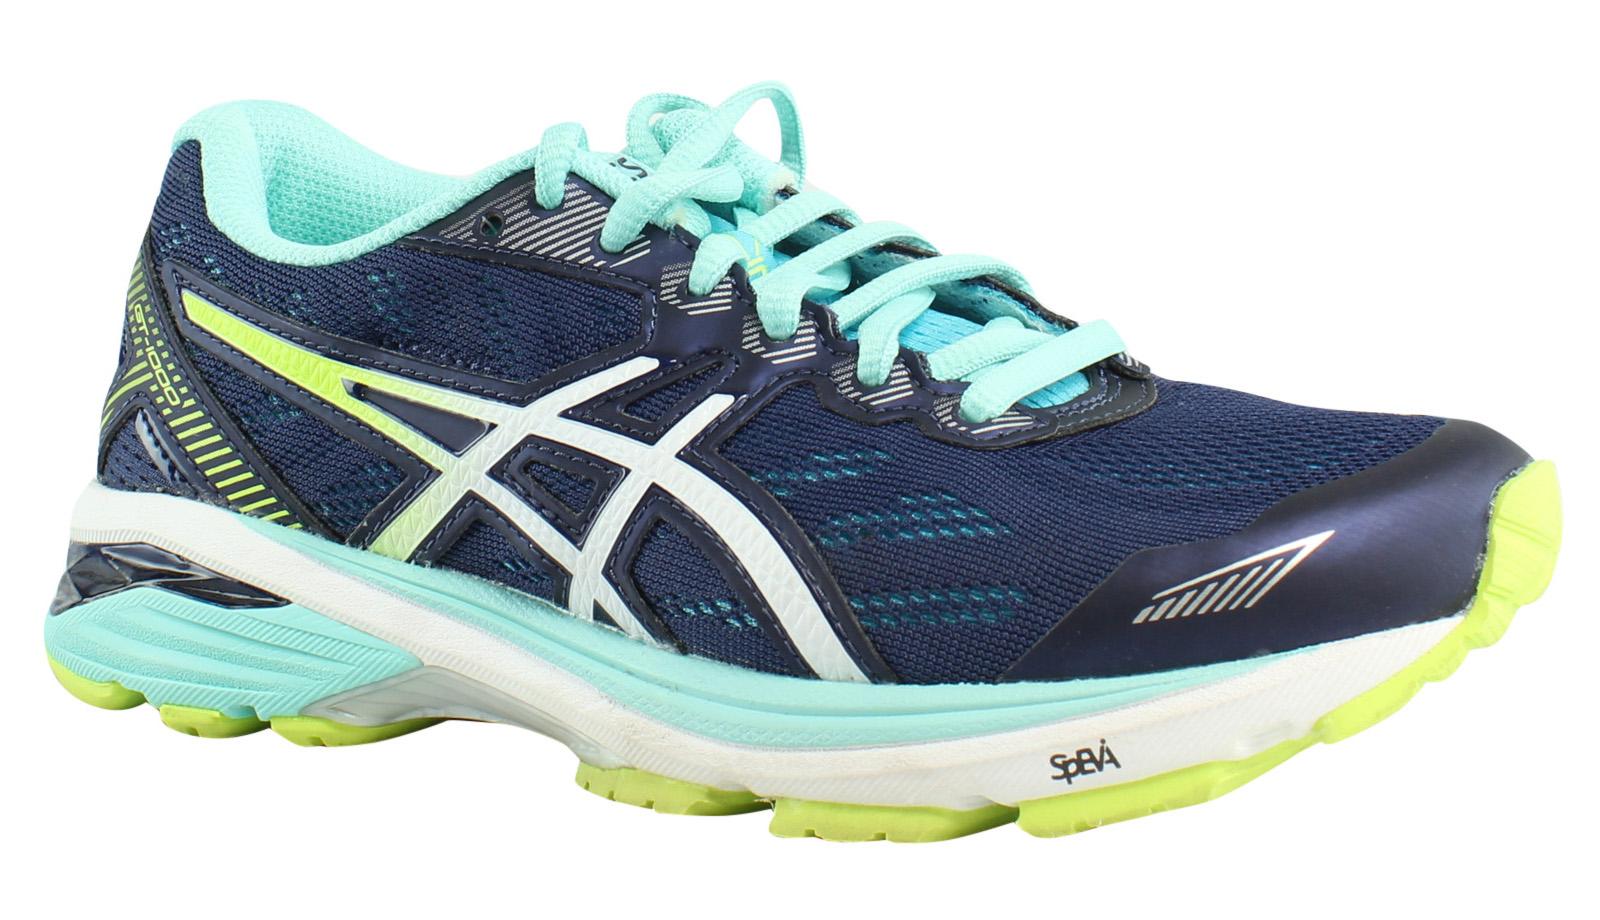 ASICS Womens - IndigoBlue/White/SafetyYellow Running Shoes Size Size Size 5 (347124) 6ea795